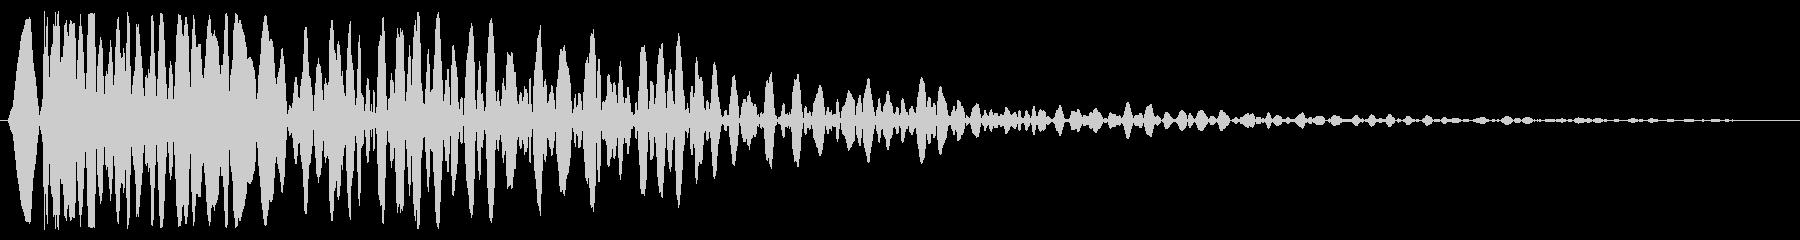 カチッバスーン(投げ込み音)の未再生の波形